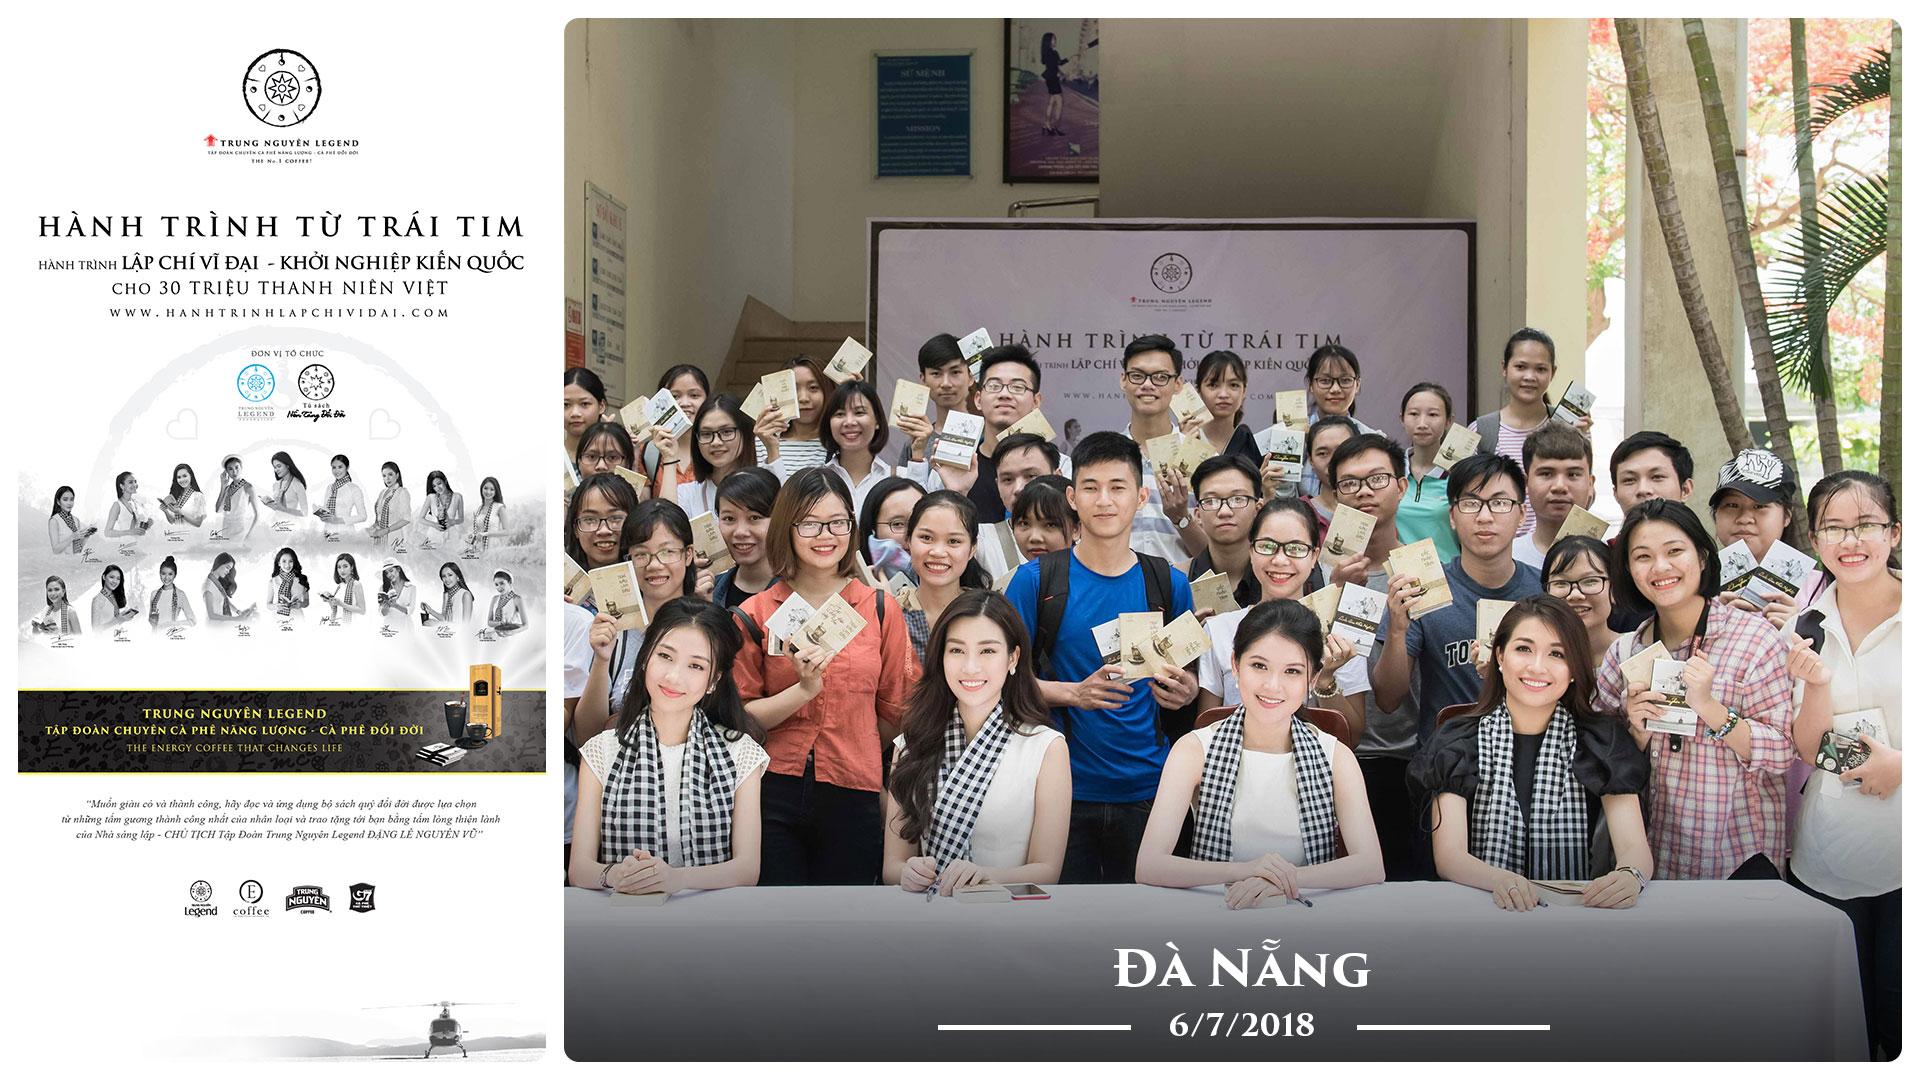 Nhật ký Hành Trình Từ Trái Tim ngày 06/07/2018 – Đà Nẵng